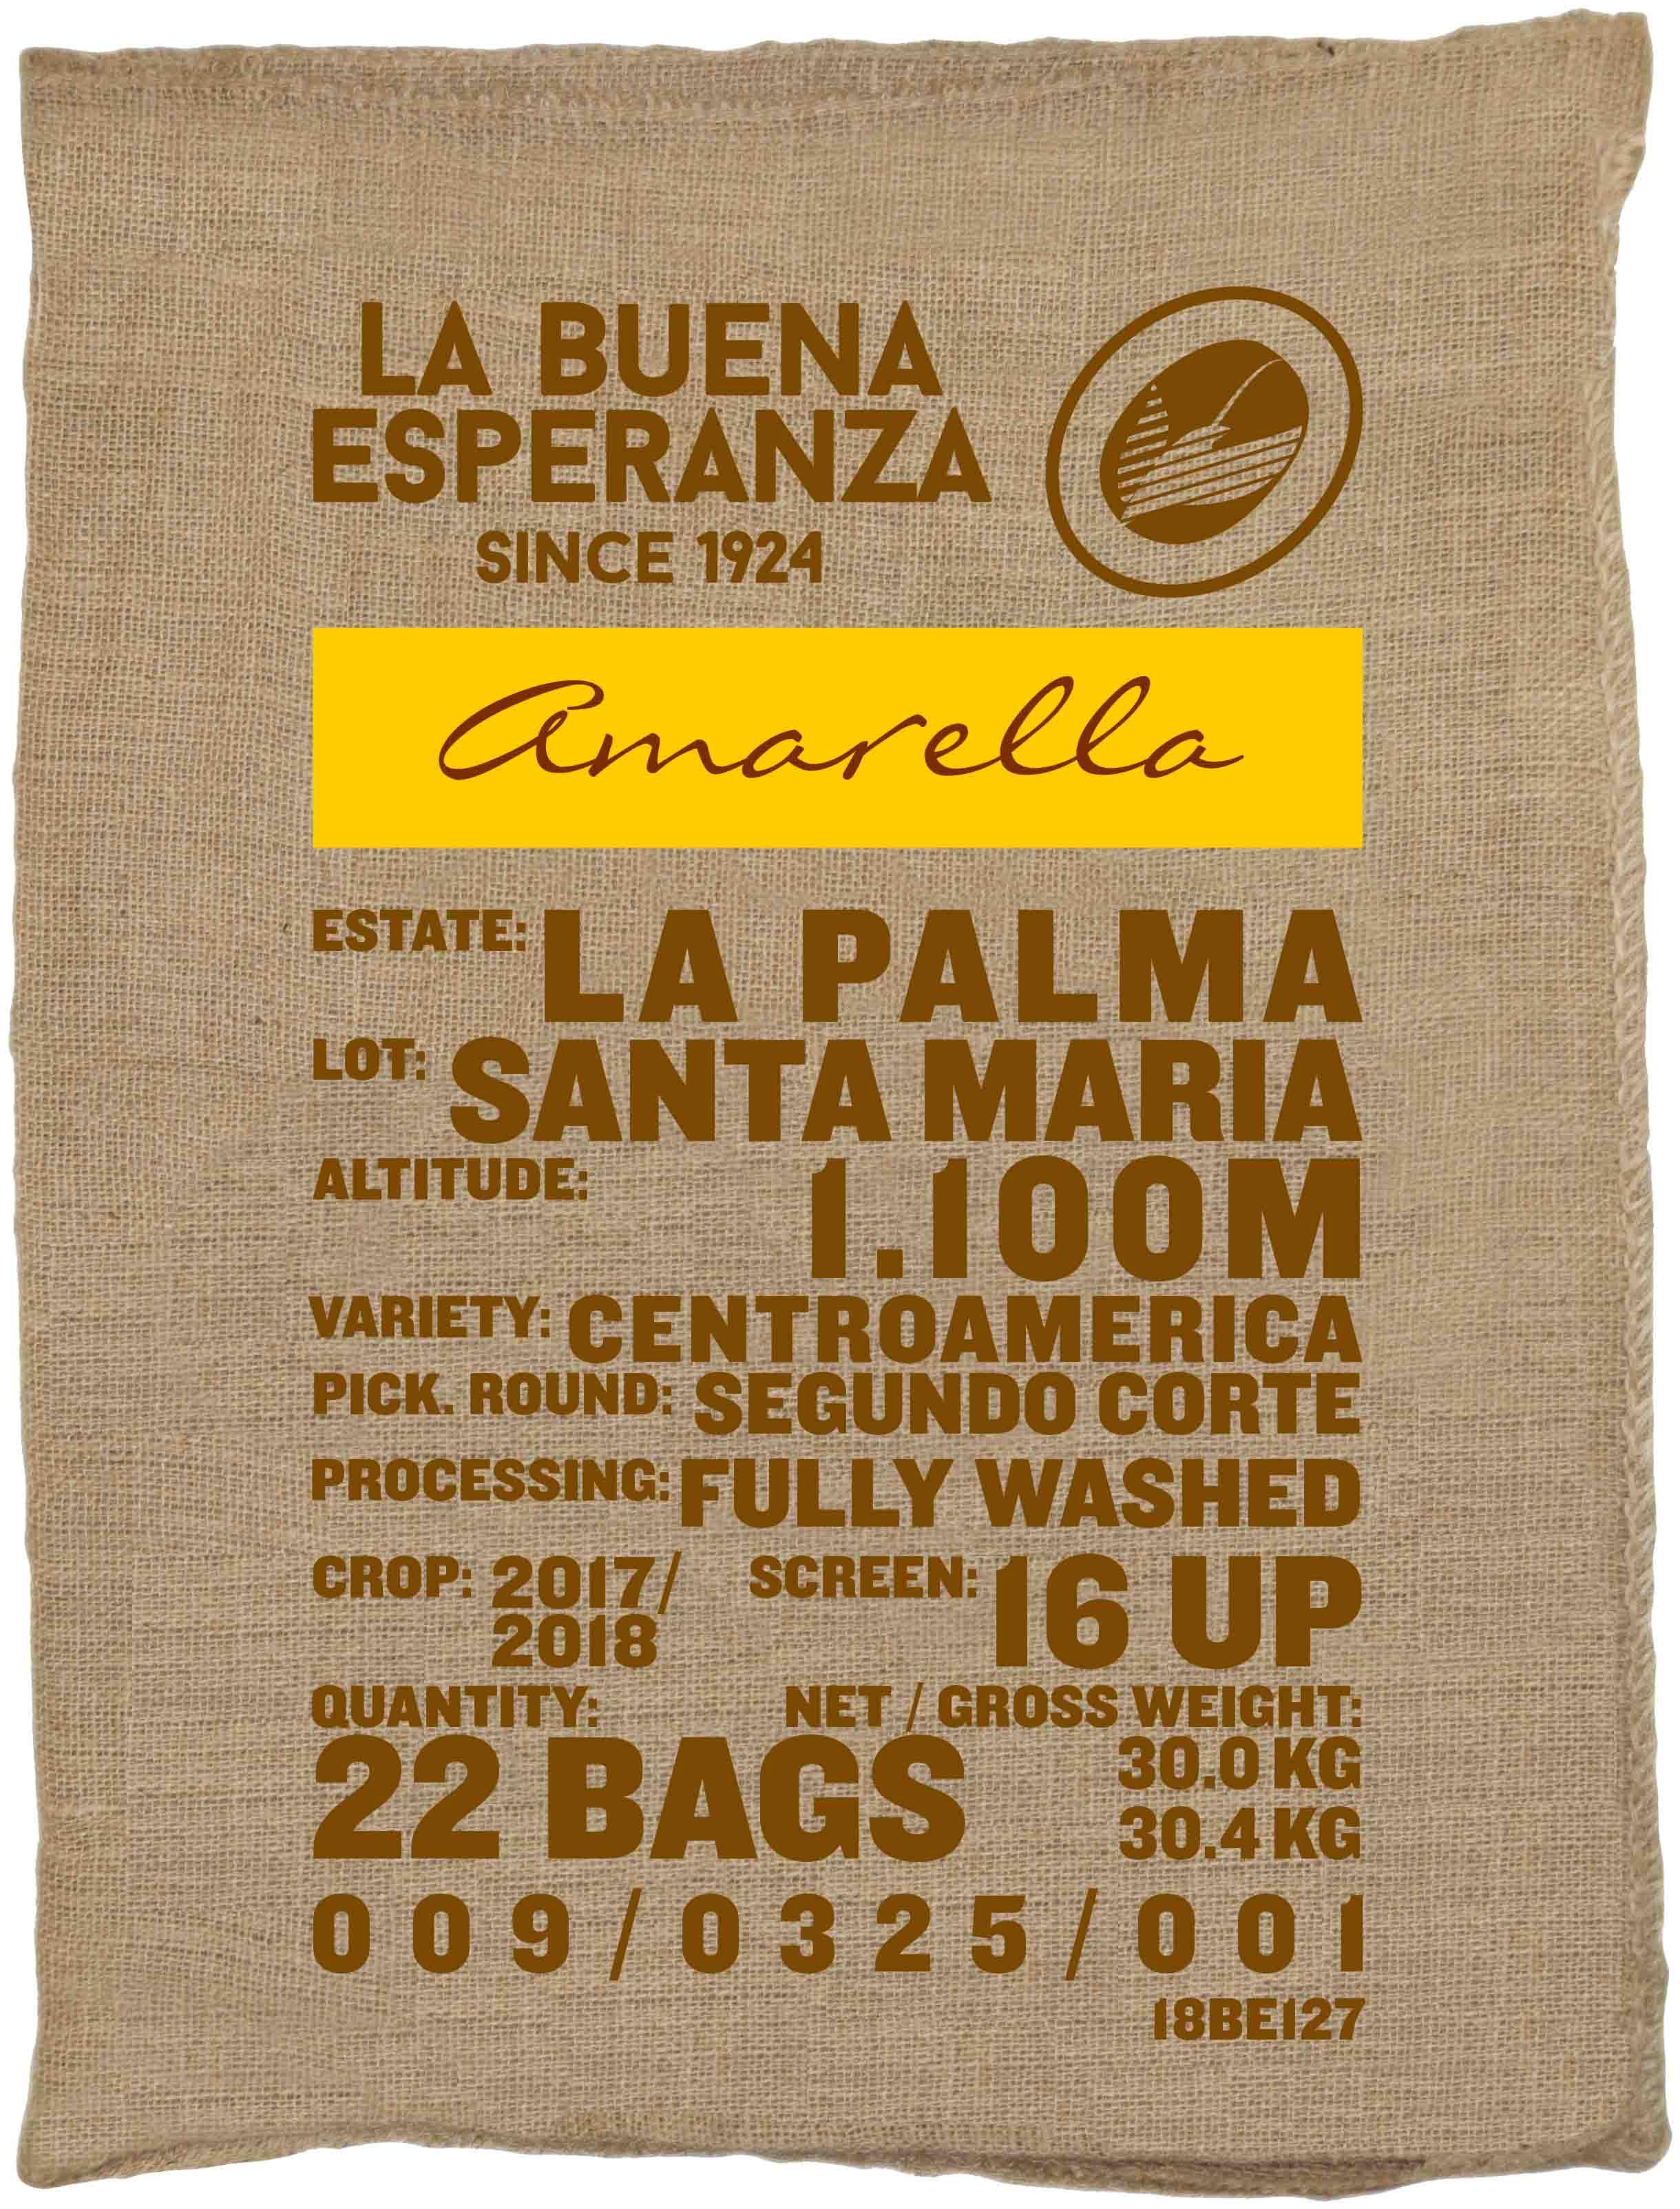 Ein Rohkaffeesack amarella Parzellenkaffee Varietät Centroamerica. Finca la Buena Esperanza Lot Santa Maria.